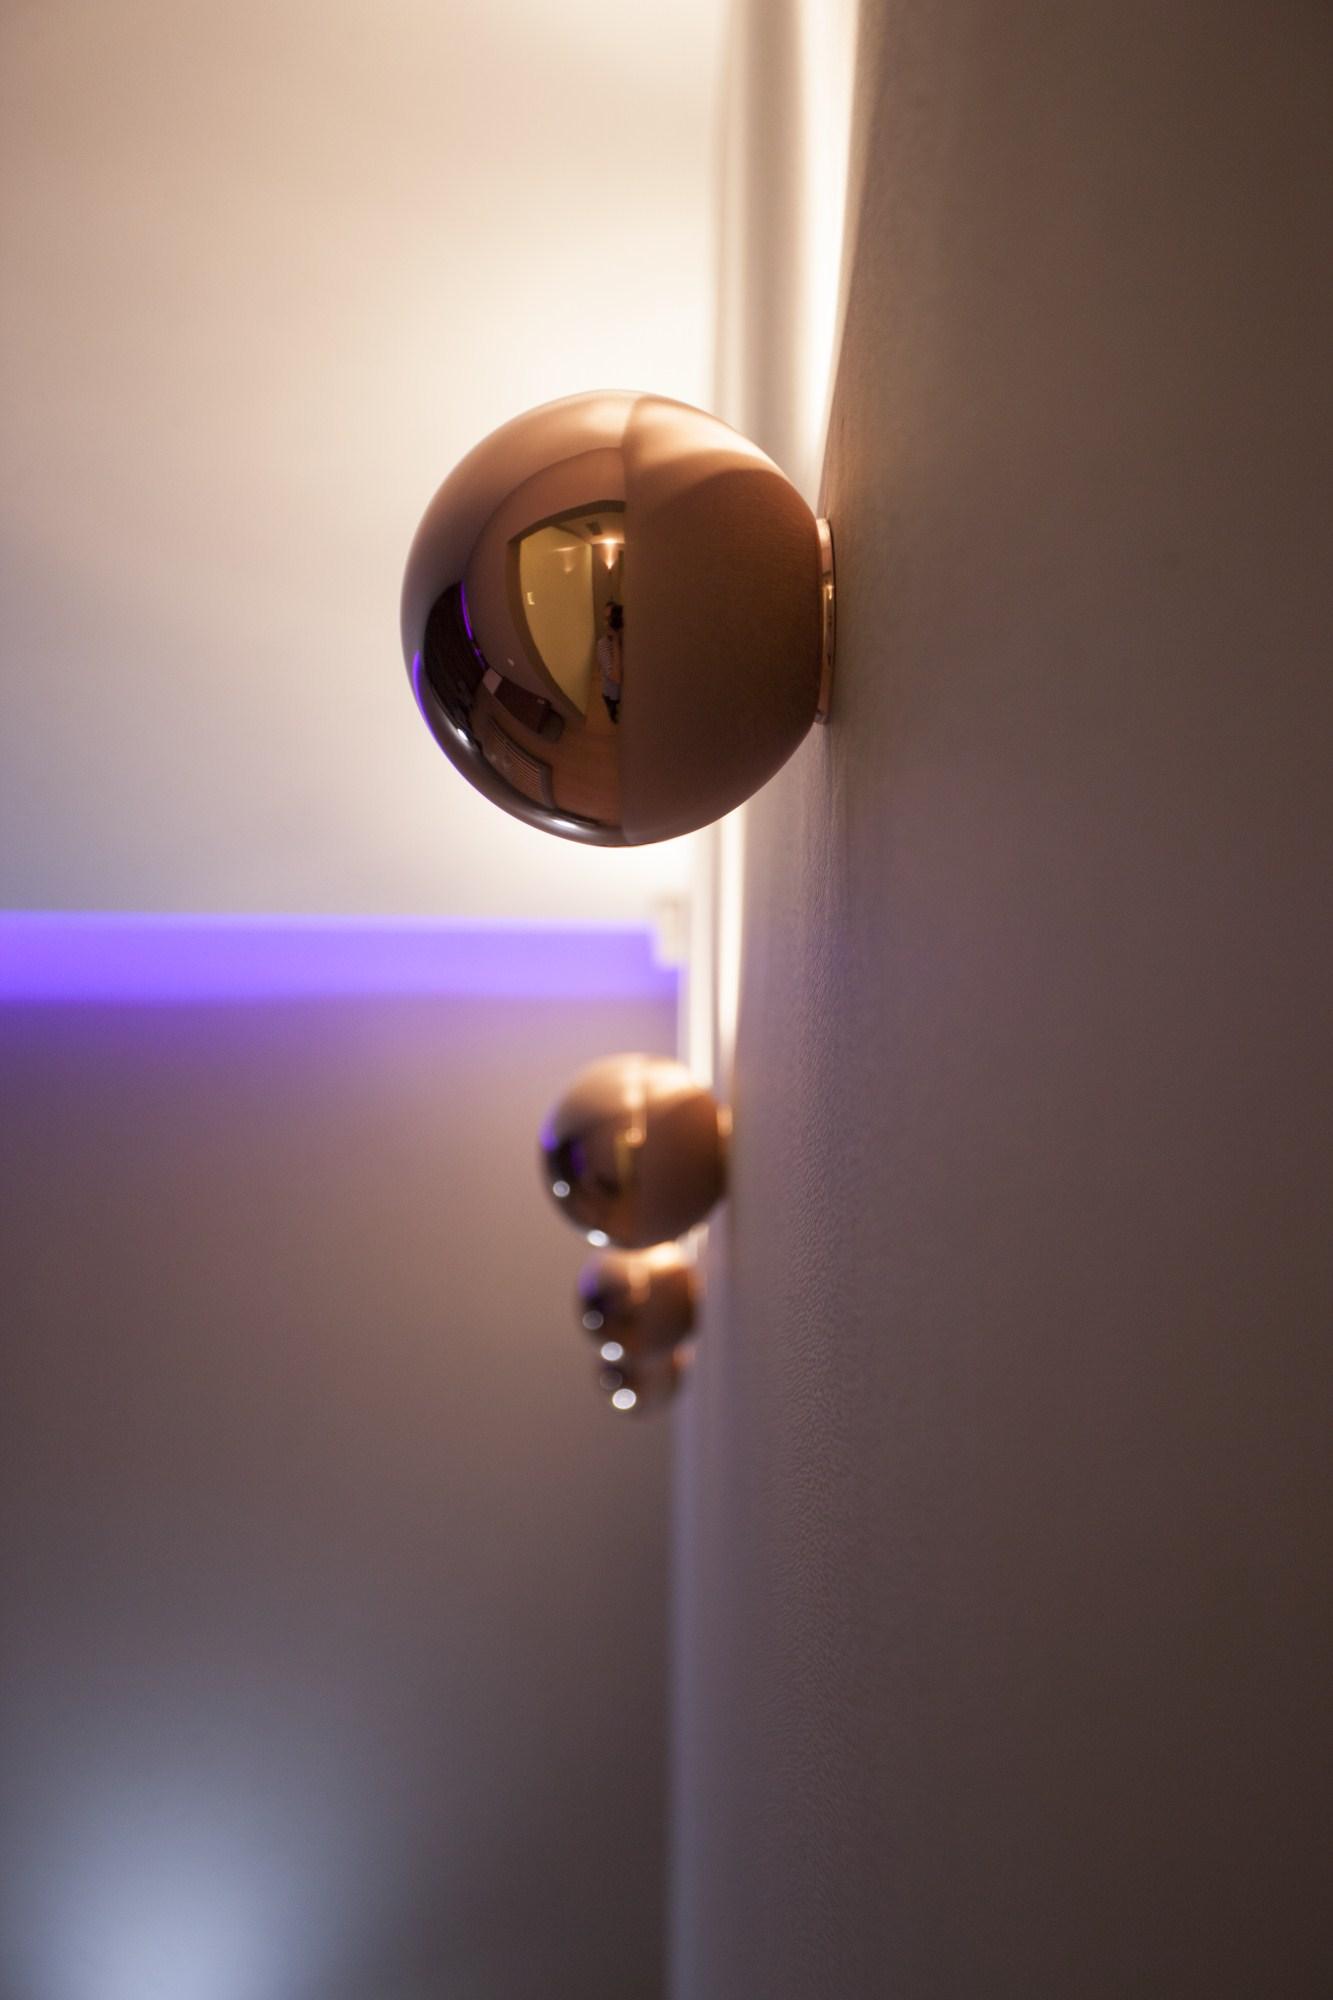 https://nbc-arhitect.ro/wp-content/uploads/2020/10/NBC-Arhitect-_-Petofi-Sandor-_-Housing-_-interior-design_1.jpg